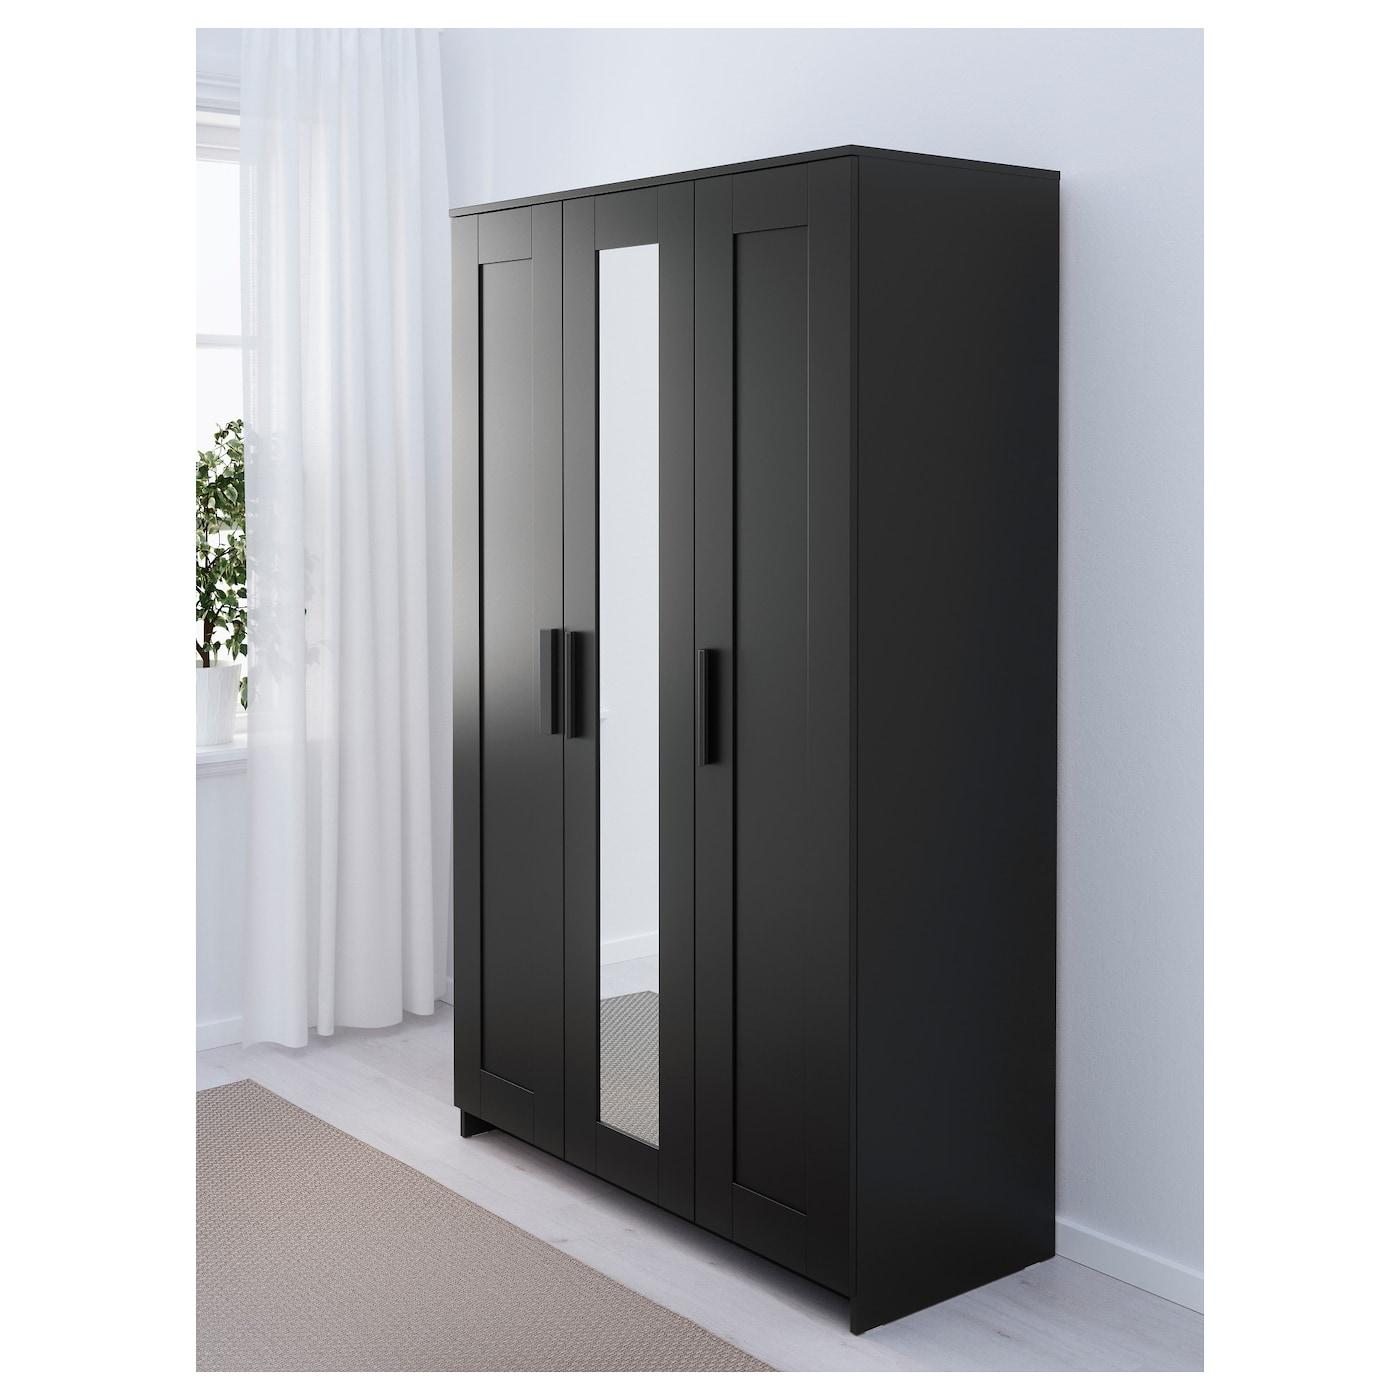 brimnes armoire 3 portes noir 117 x 190 cm - ikea